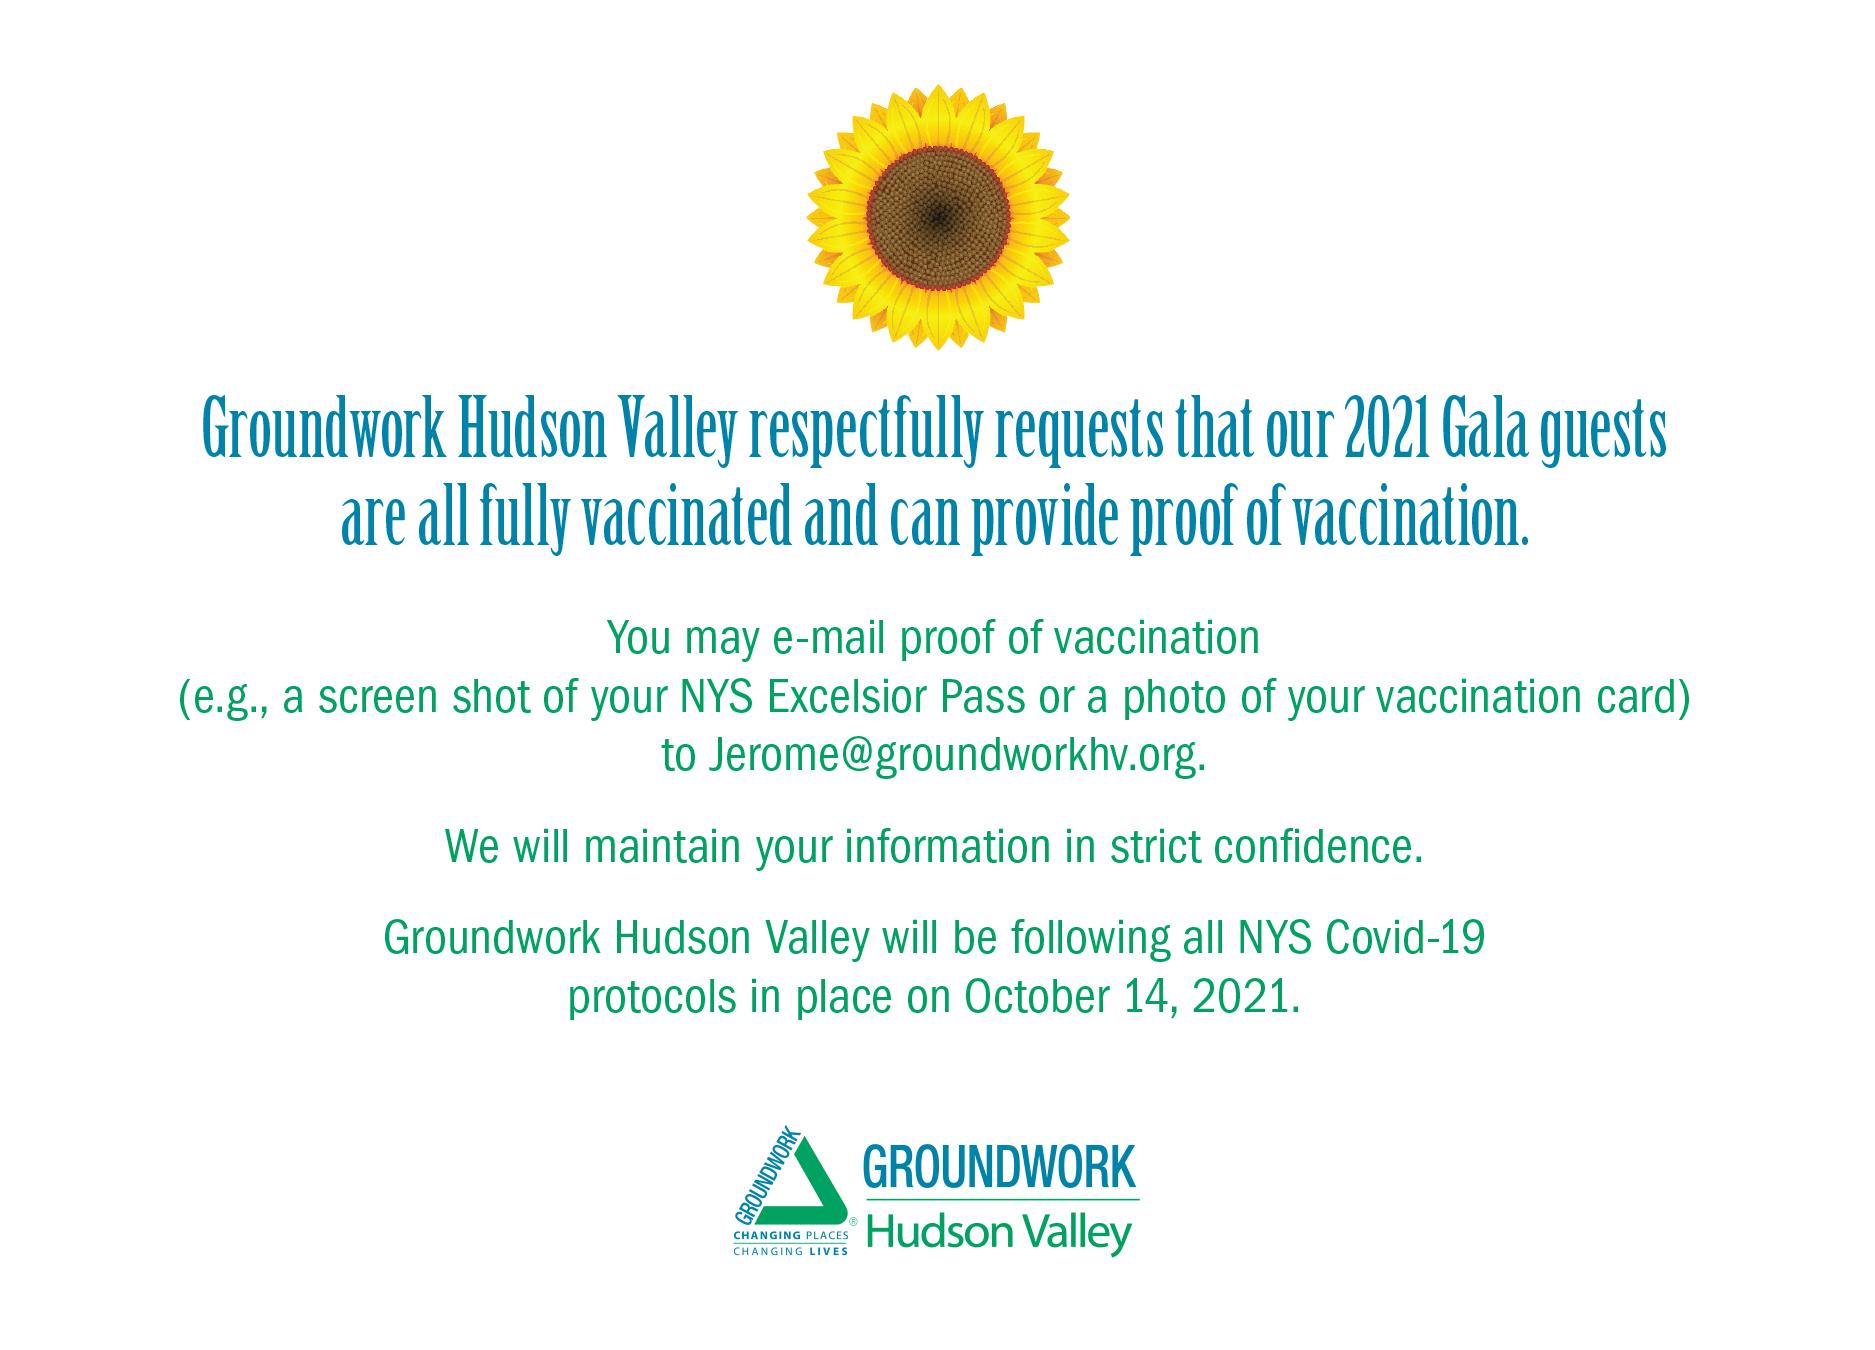 GroundWorkHudsonValleyVaccinationProofCard2021-1